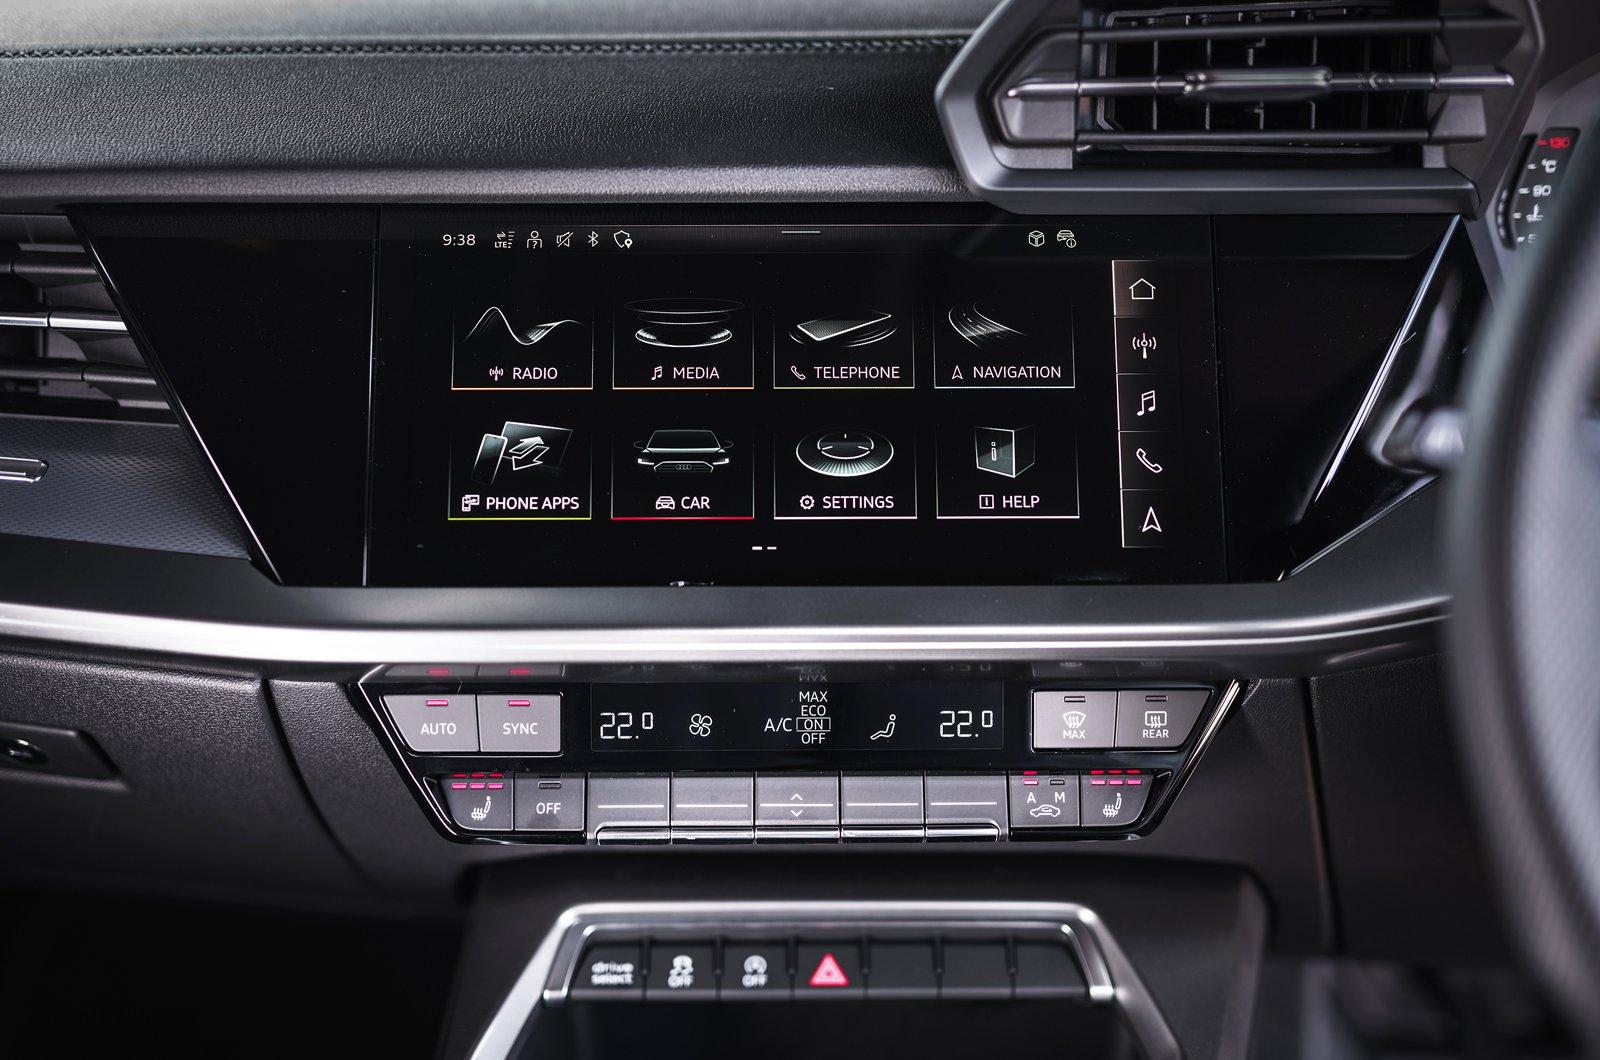 Audi A3 Sportback 2020 touchscreen